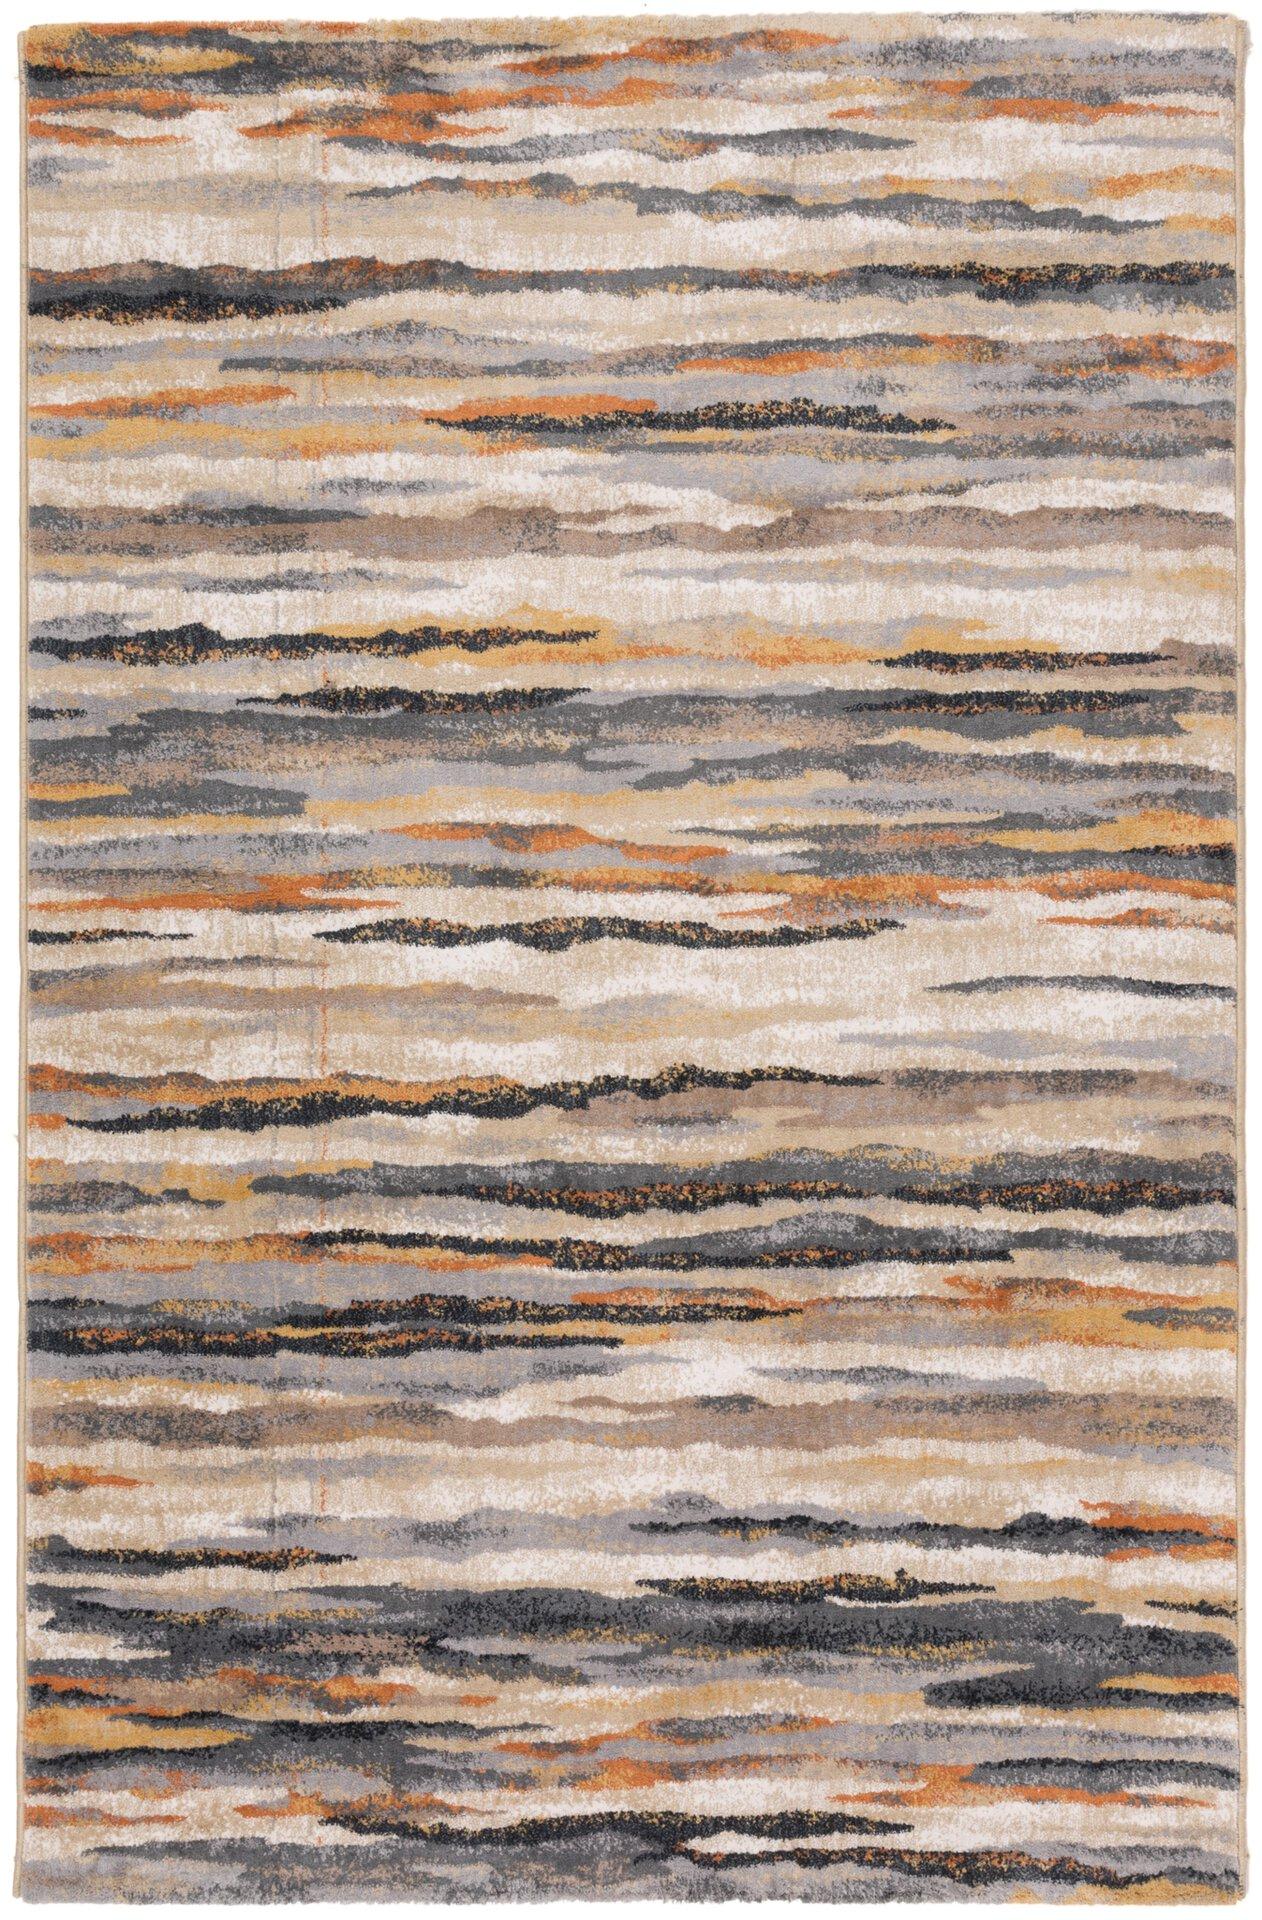 Handtuftteppich Anna Maria Gino Falcone Textil grau